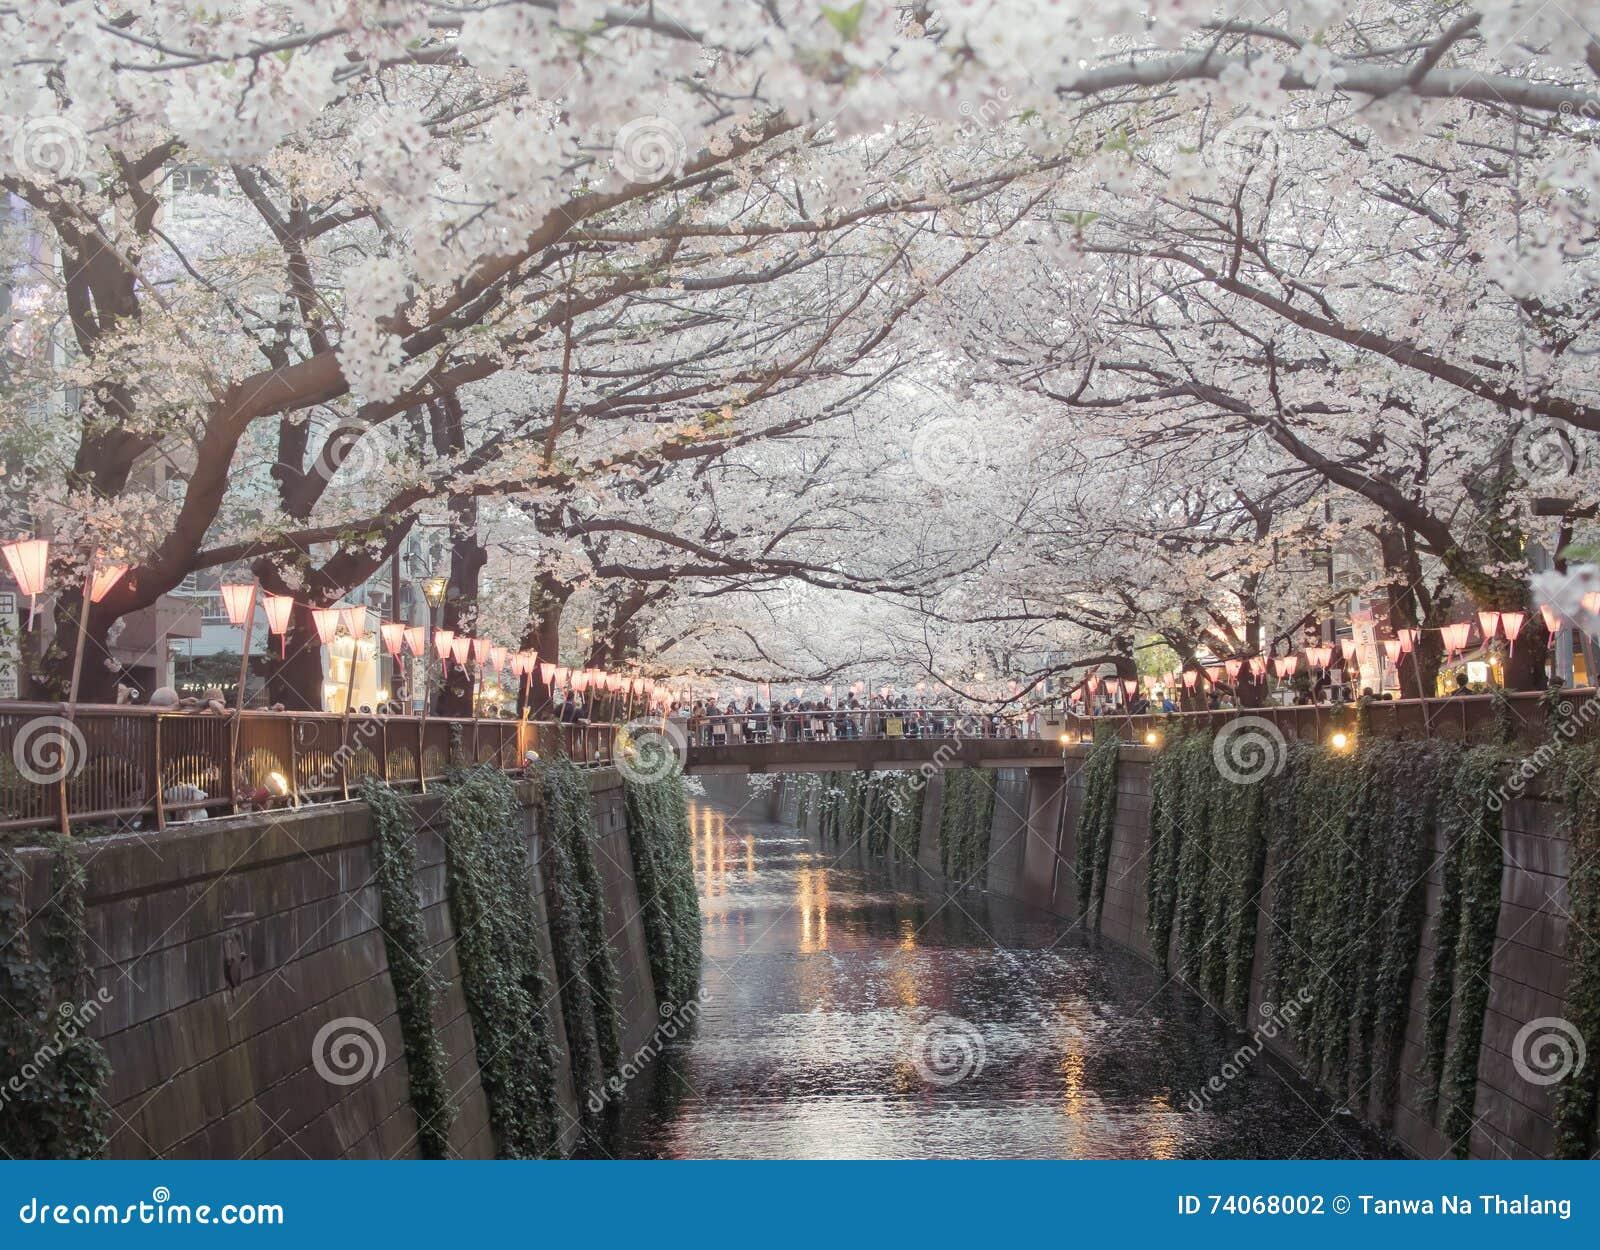 Landscape Of Cherry Blossom Sakura At Nakameguro River In Tokyo Japan Vintage Tone Color